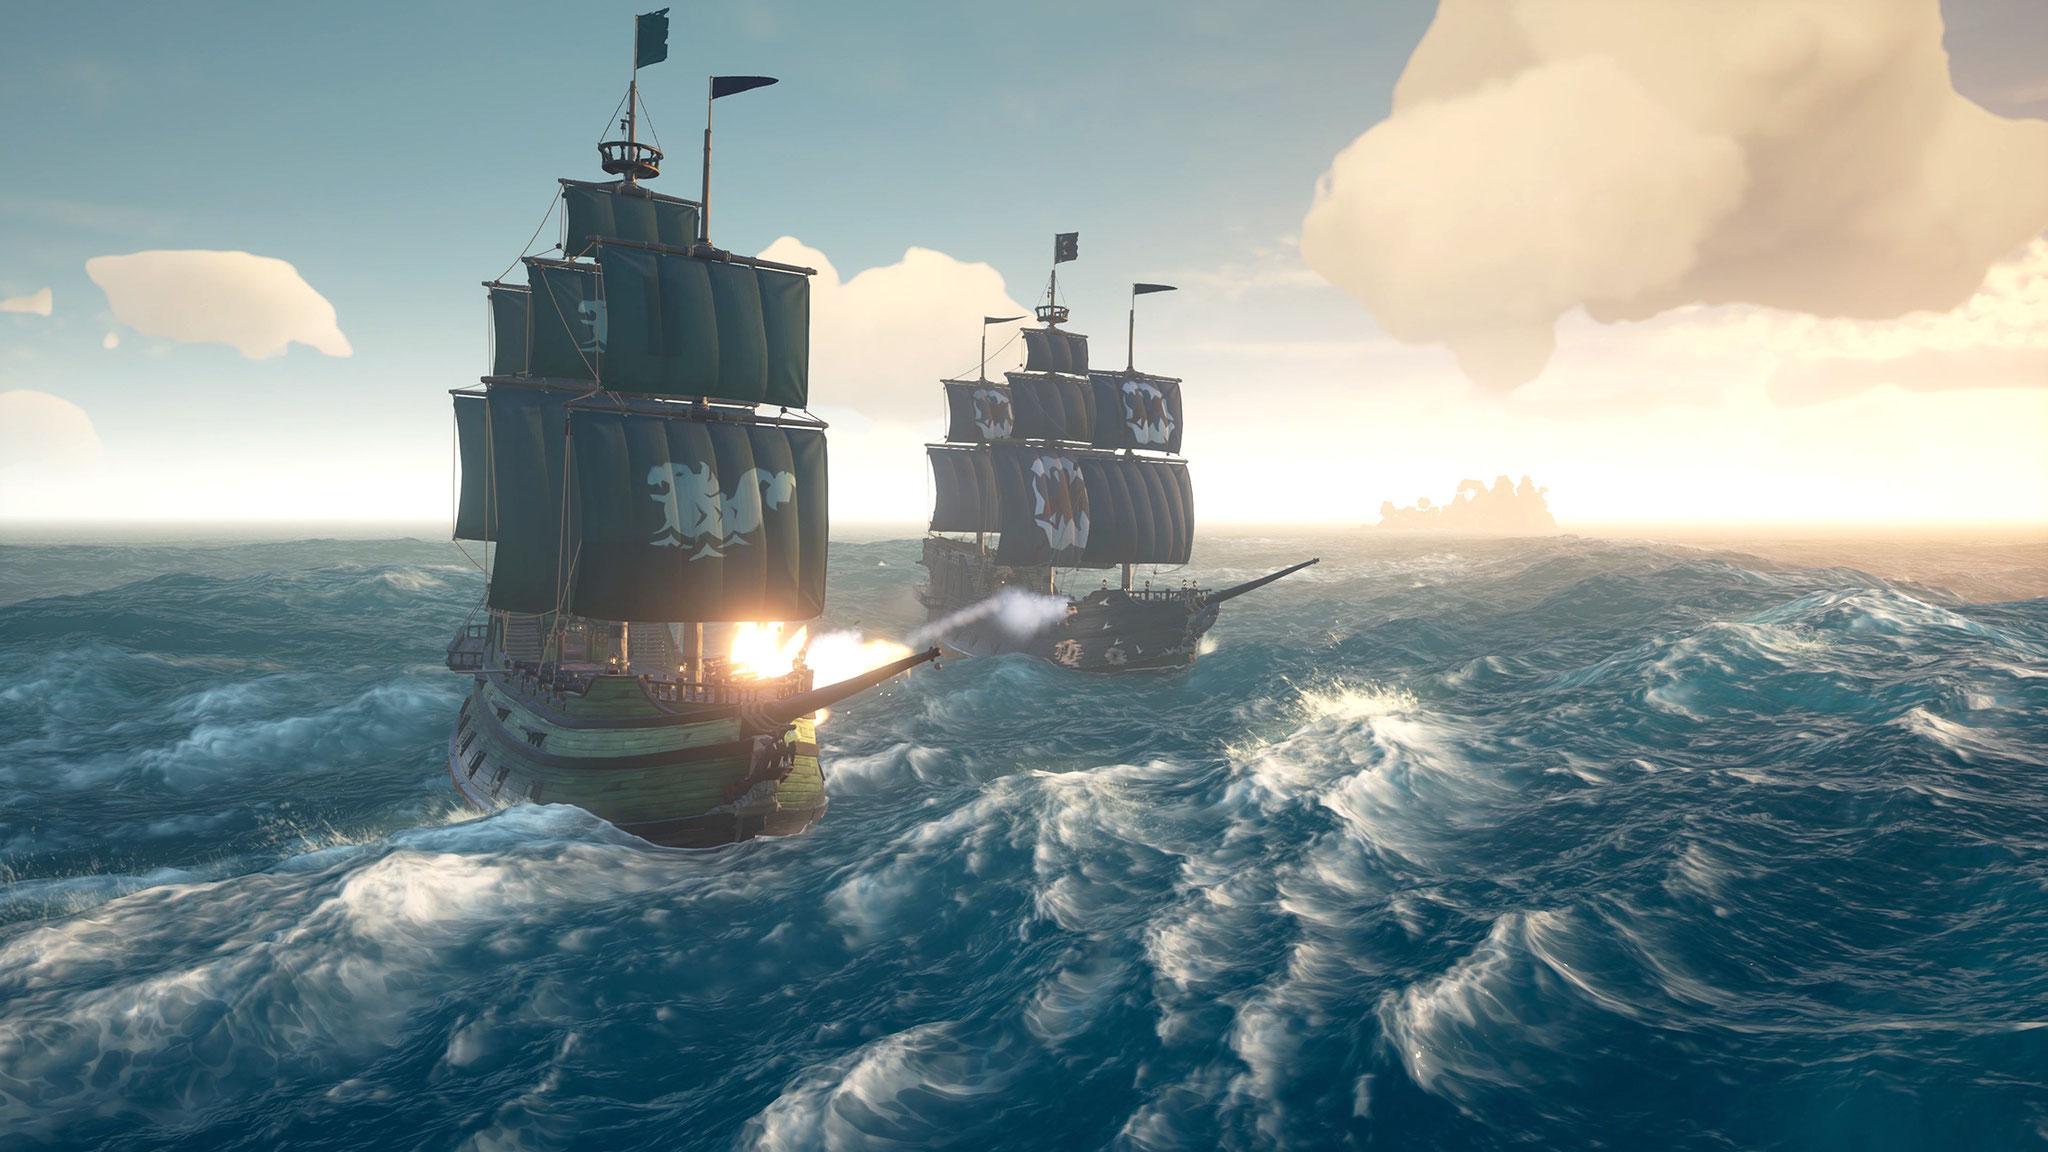 """Microsofts """"Sea of Thieves"""" (Bild) setzt auf Cartoon-Grafik und Mannschaften von beschaulicher Größe. Mit """"Atlas"""" droht jedoch ernsthafte Konkurrenz."""